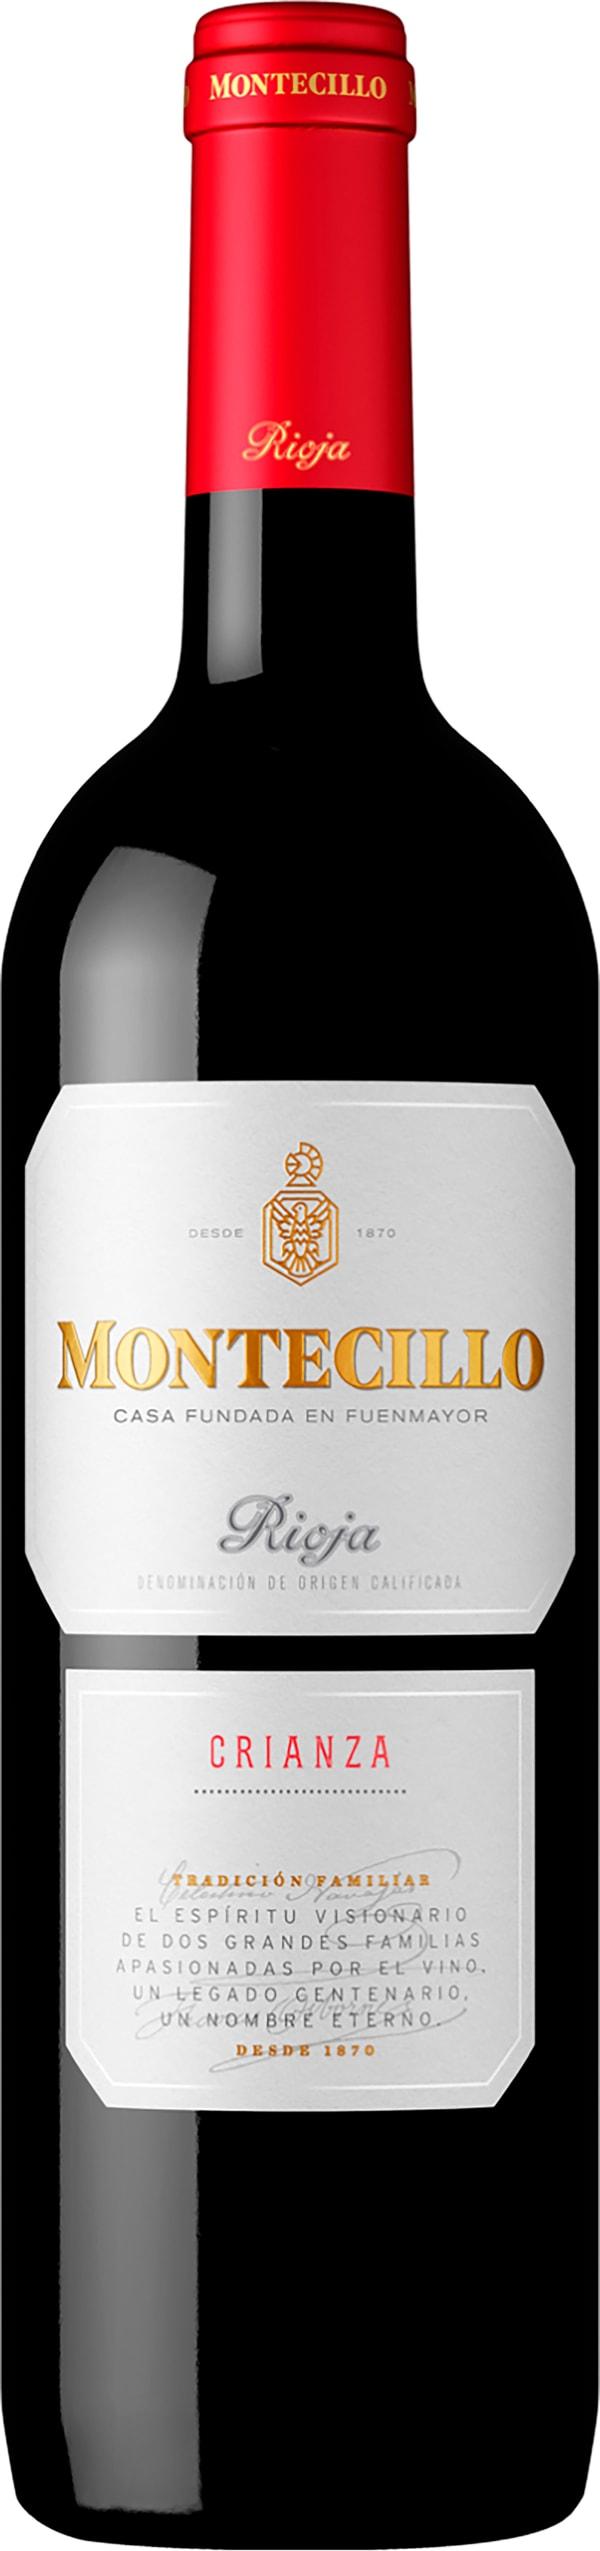 Montecillo Crianza 2016